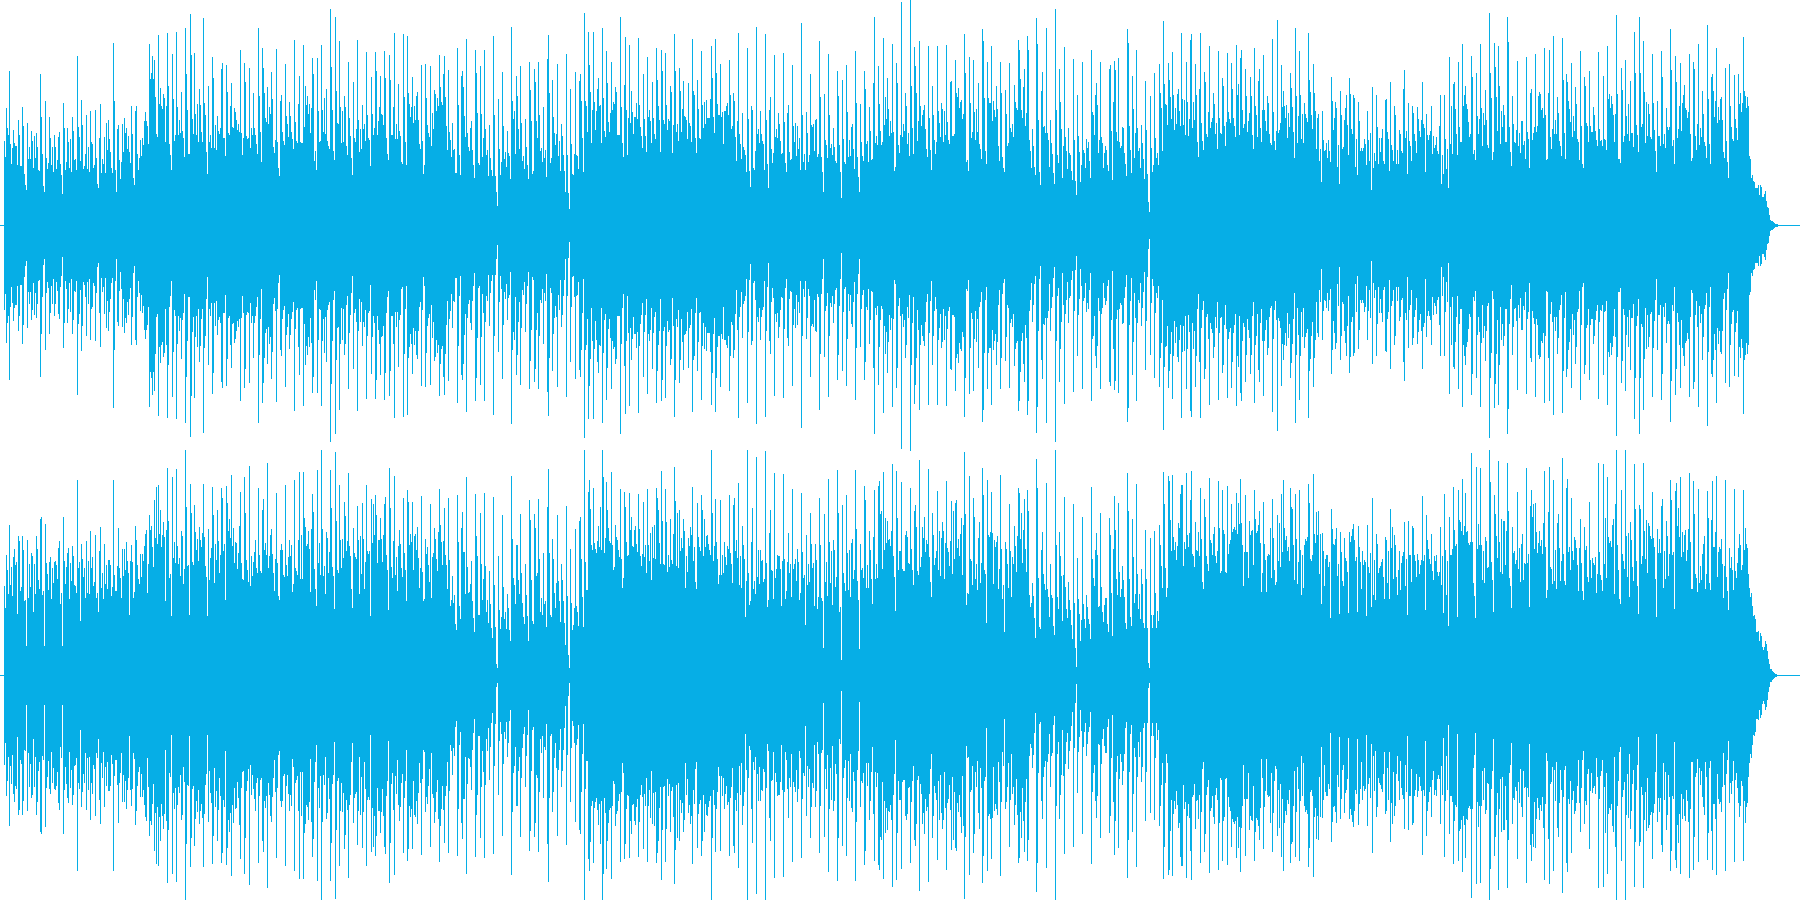 ポップでファンシーなシンセサイザー曲の再生済みの波形